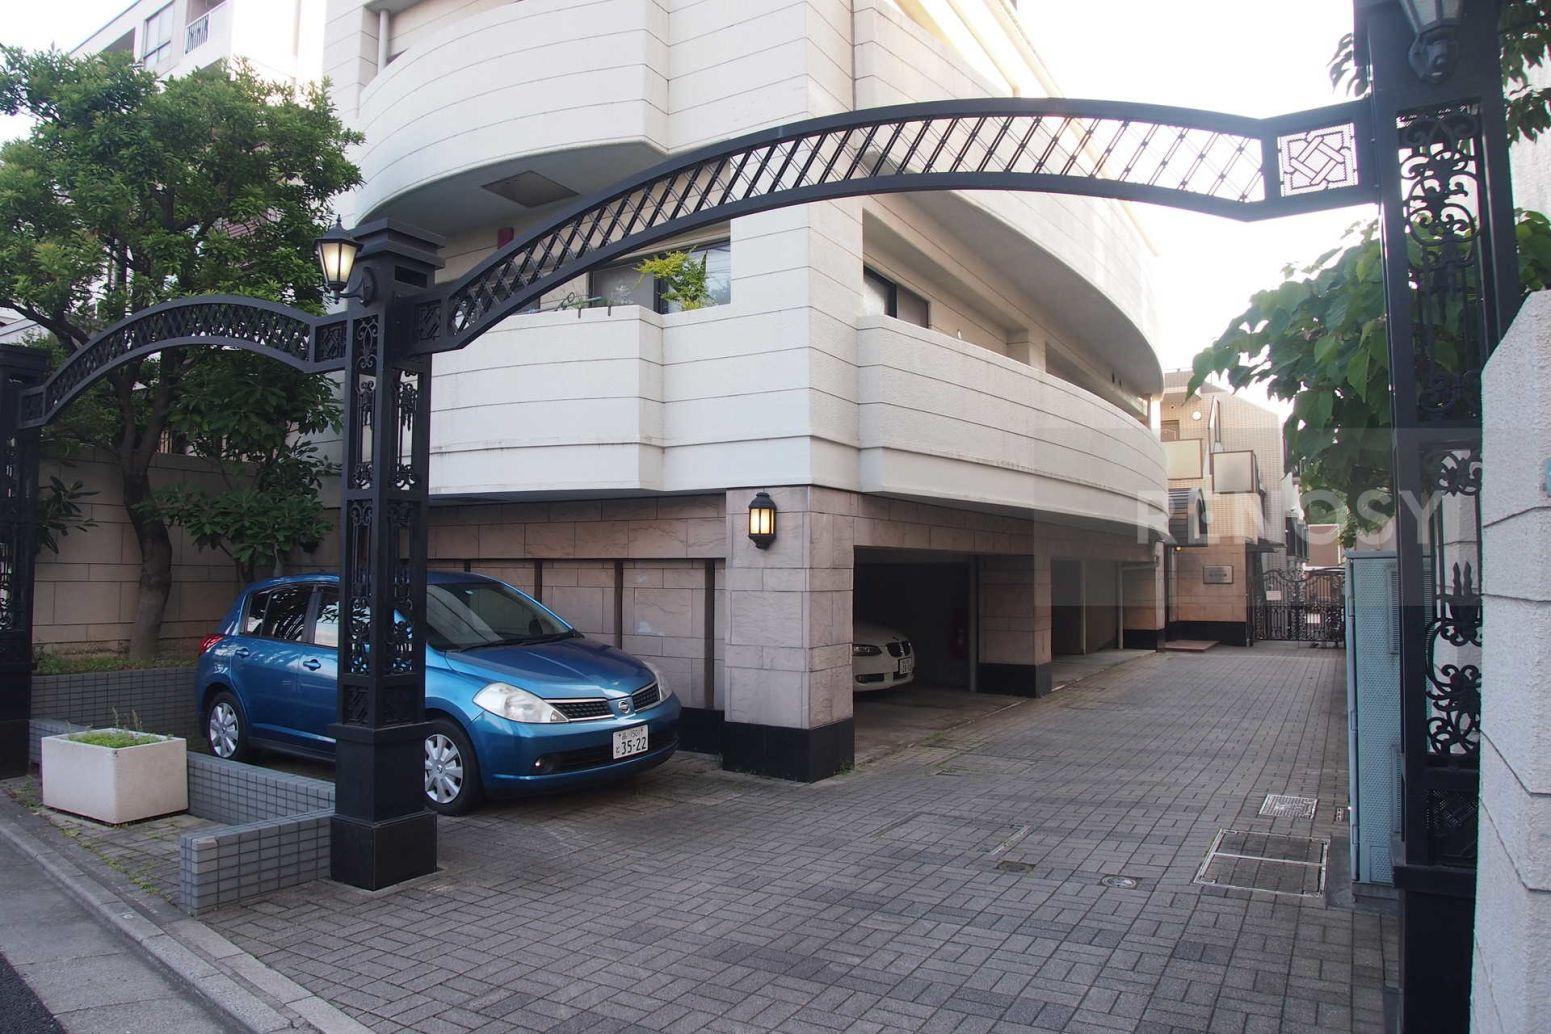 クレストフォルム駒沢公園